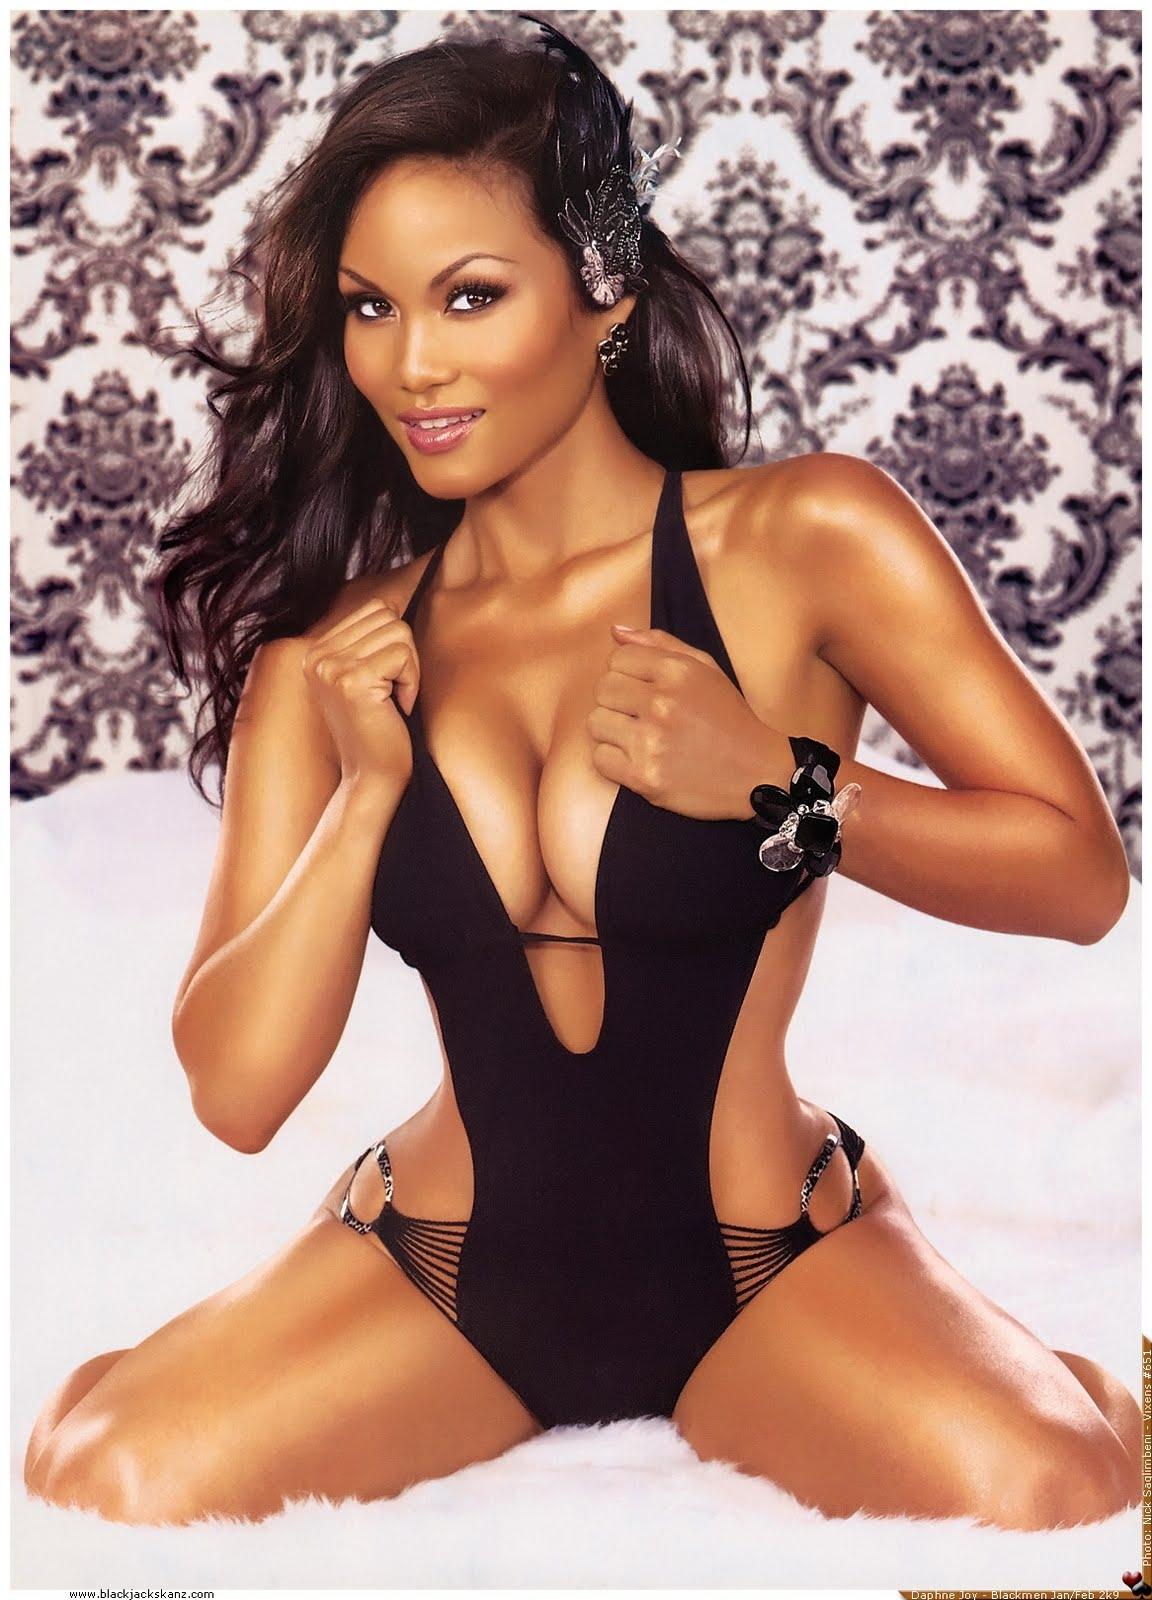 50 Cents Amazingly Hot Ex, Daphne Joy!